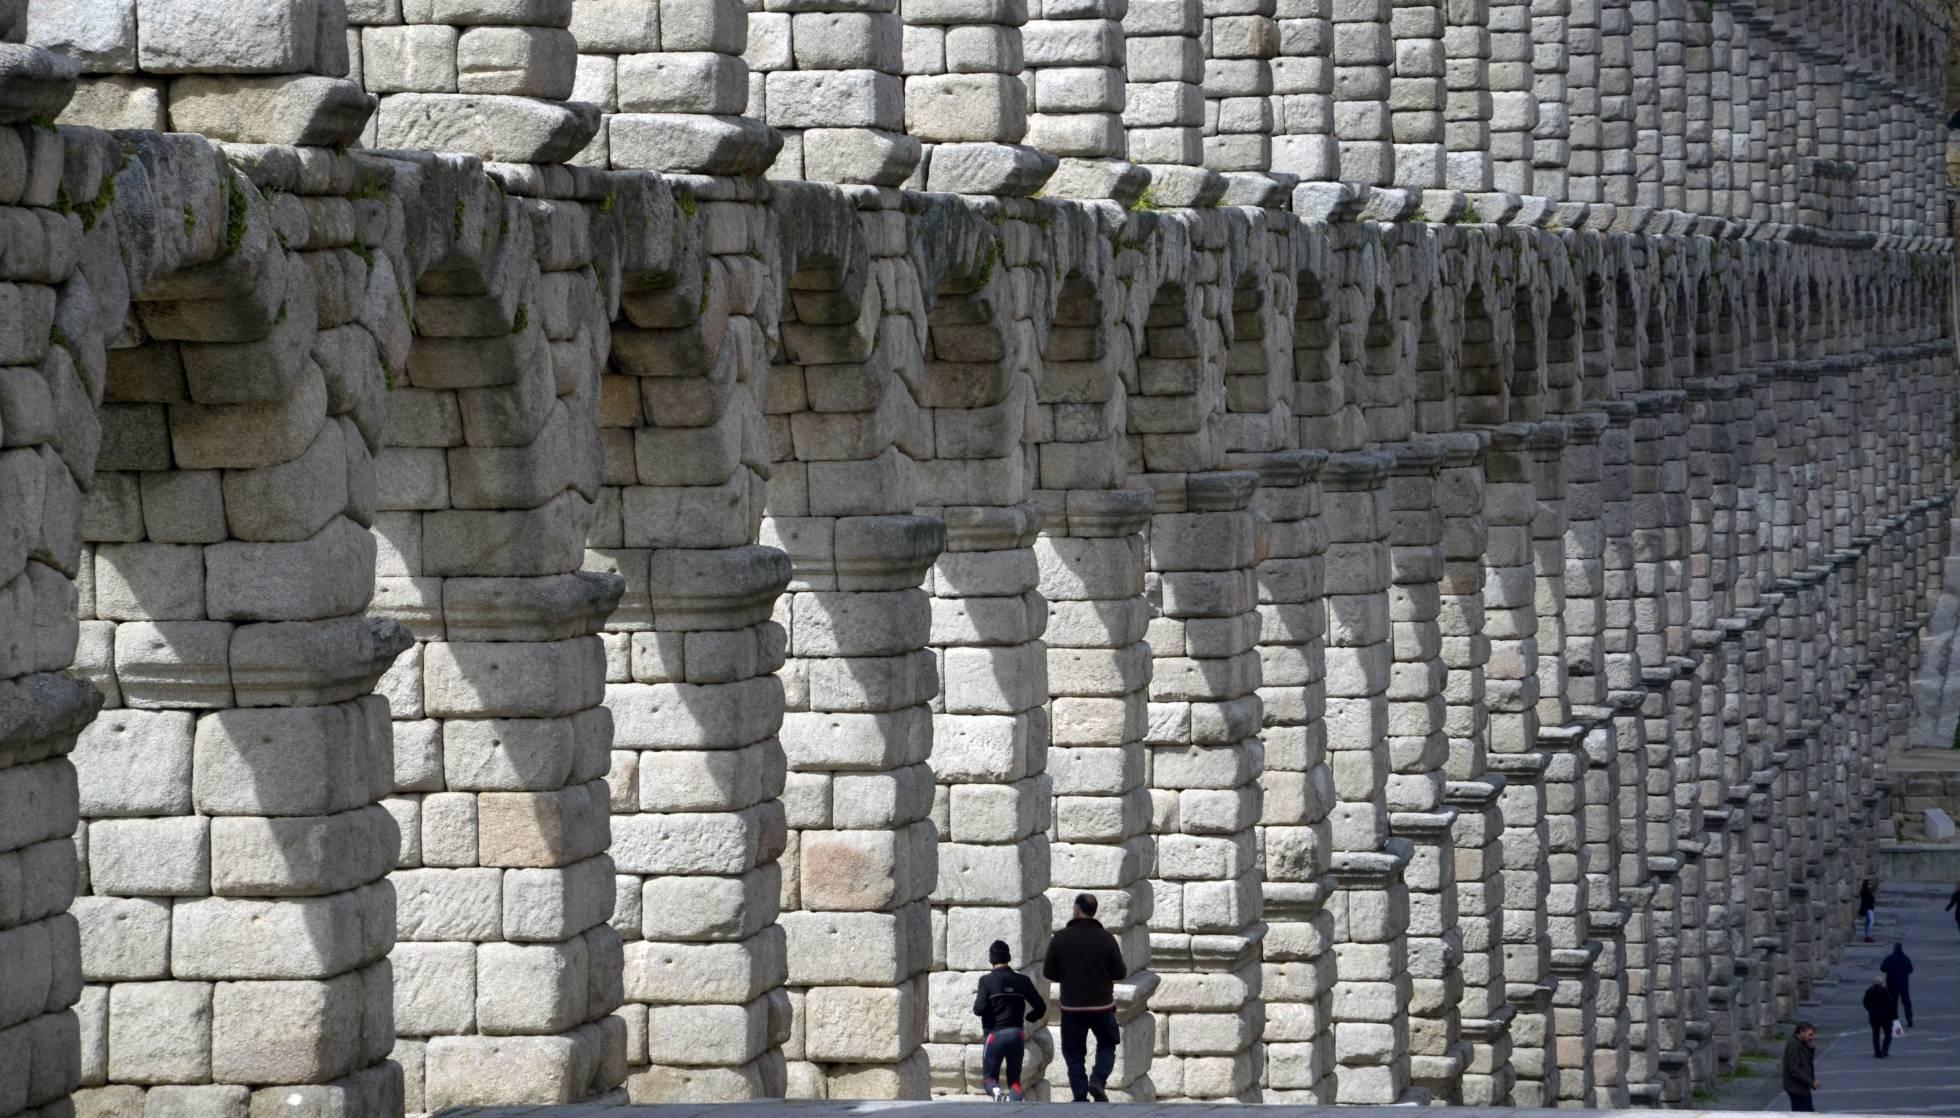 Los arcos del Acueducto de Segovia. A. M.